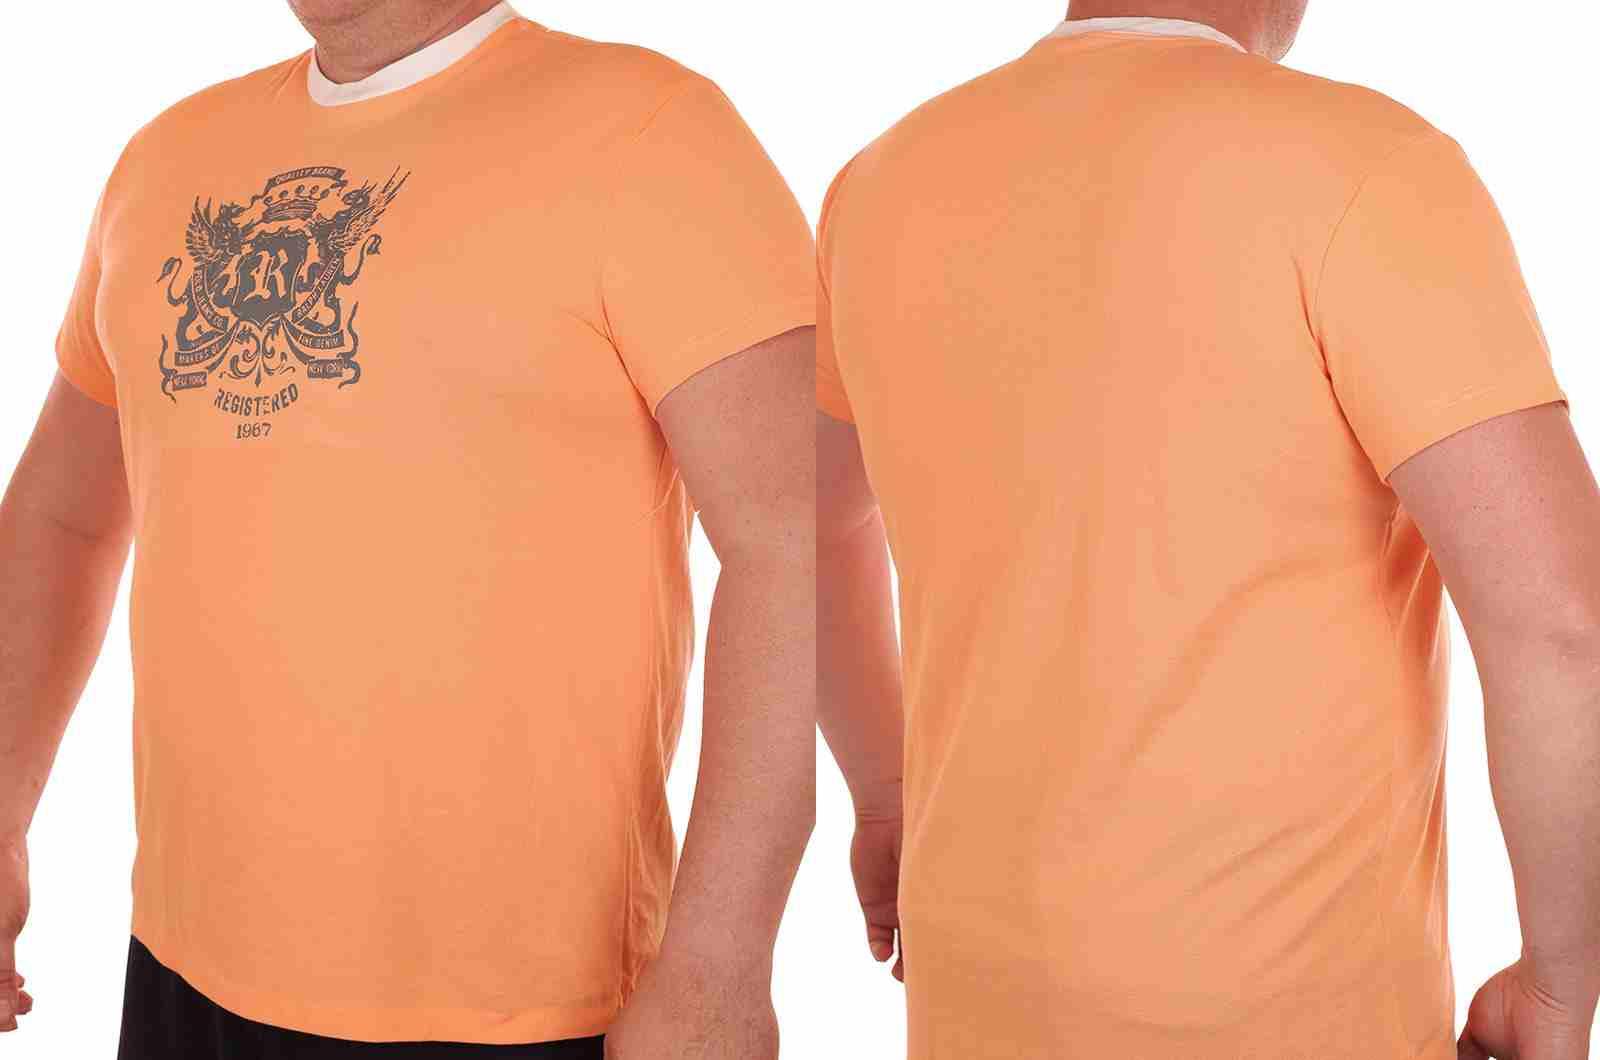 Молодёжная футболка из США от Ralph Lauren-двойной ракурс